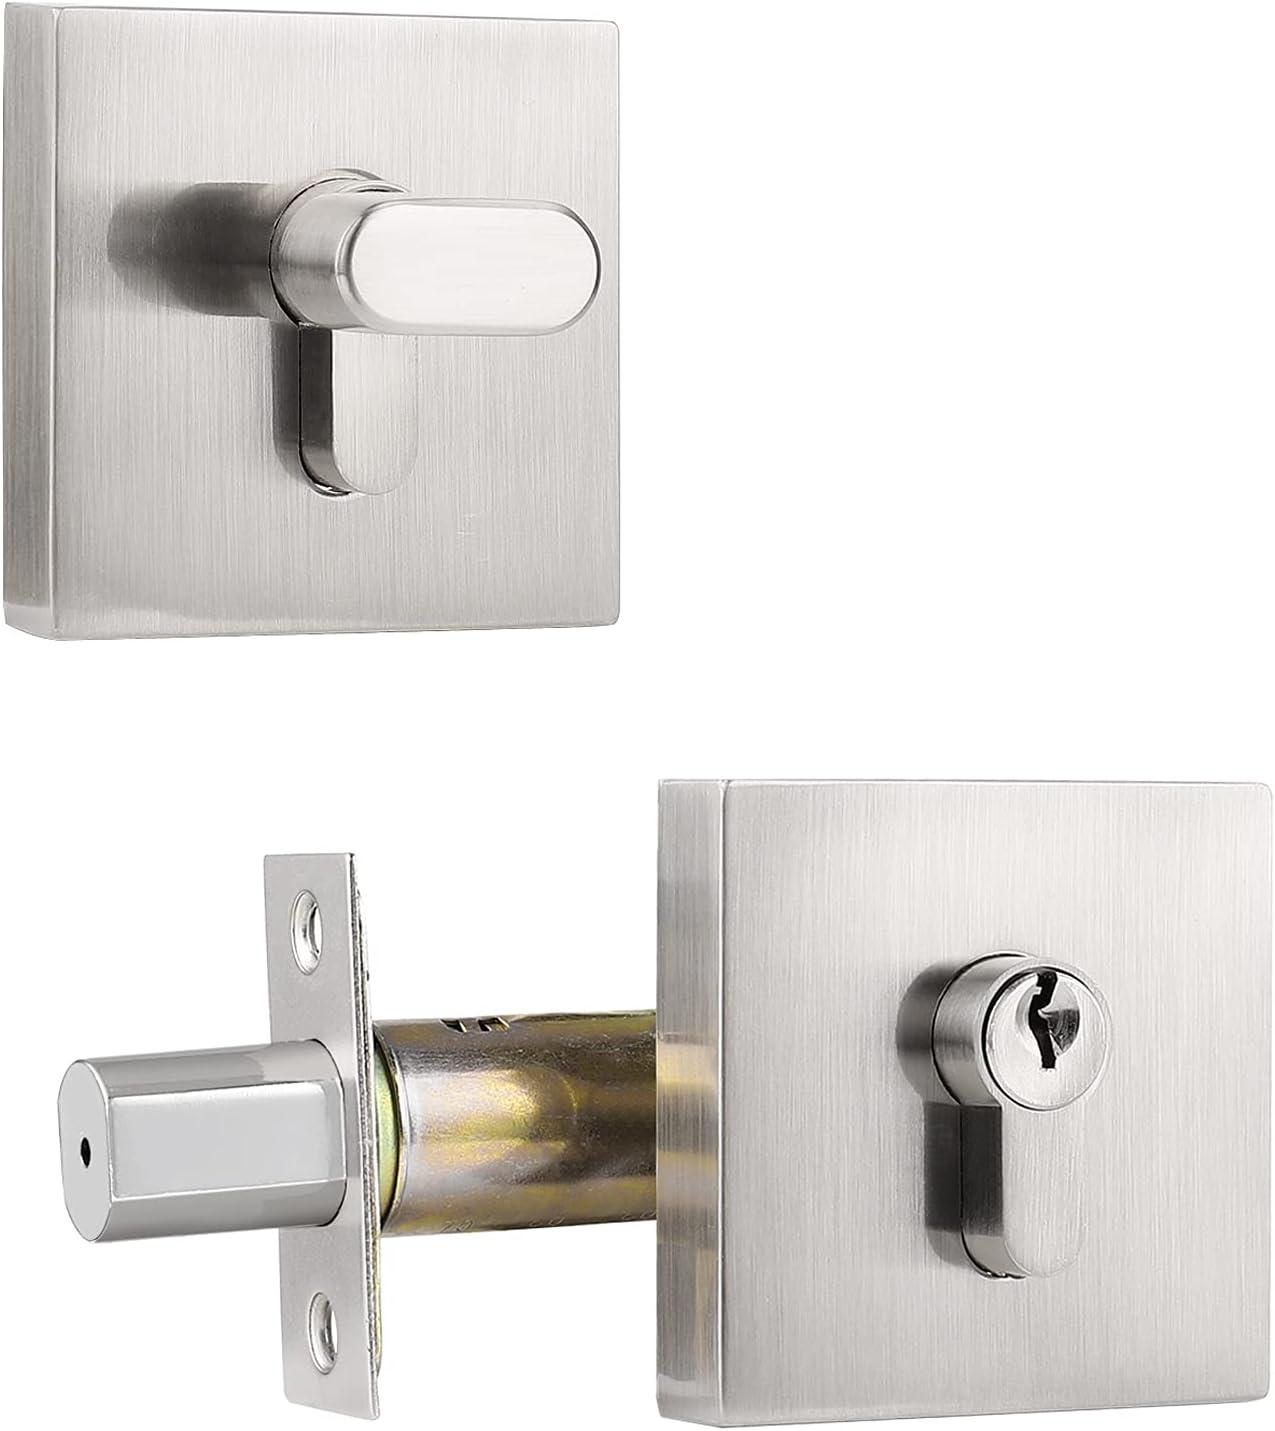 Satin Nickel Finish Exterior Denver Mall or Key Deadbolt Elegant Lock Door Interior